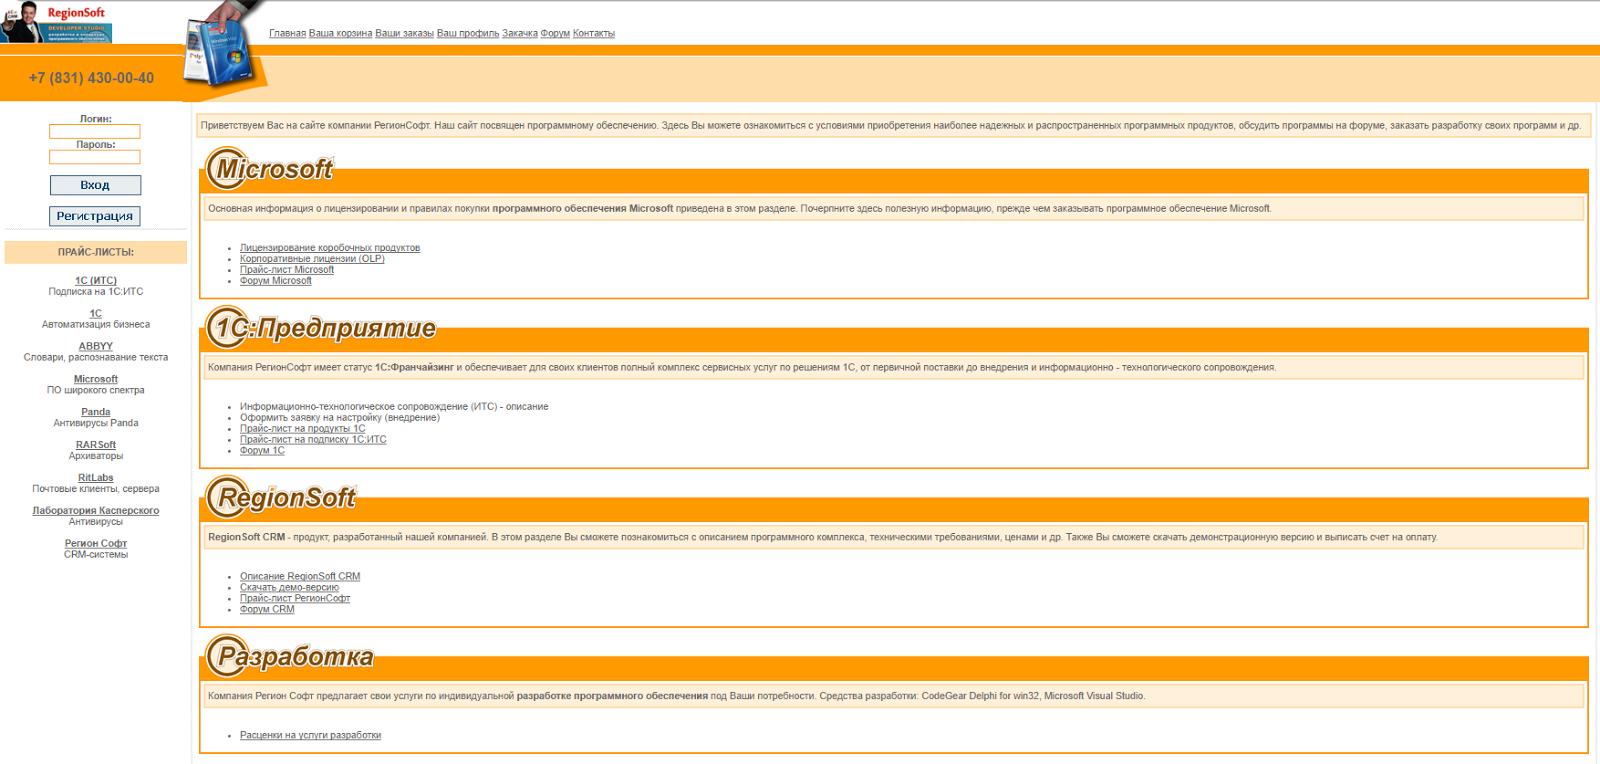 RegionSoft CRM: бизнес, который работает для бизнеса - 3